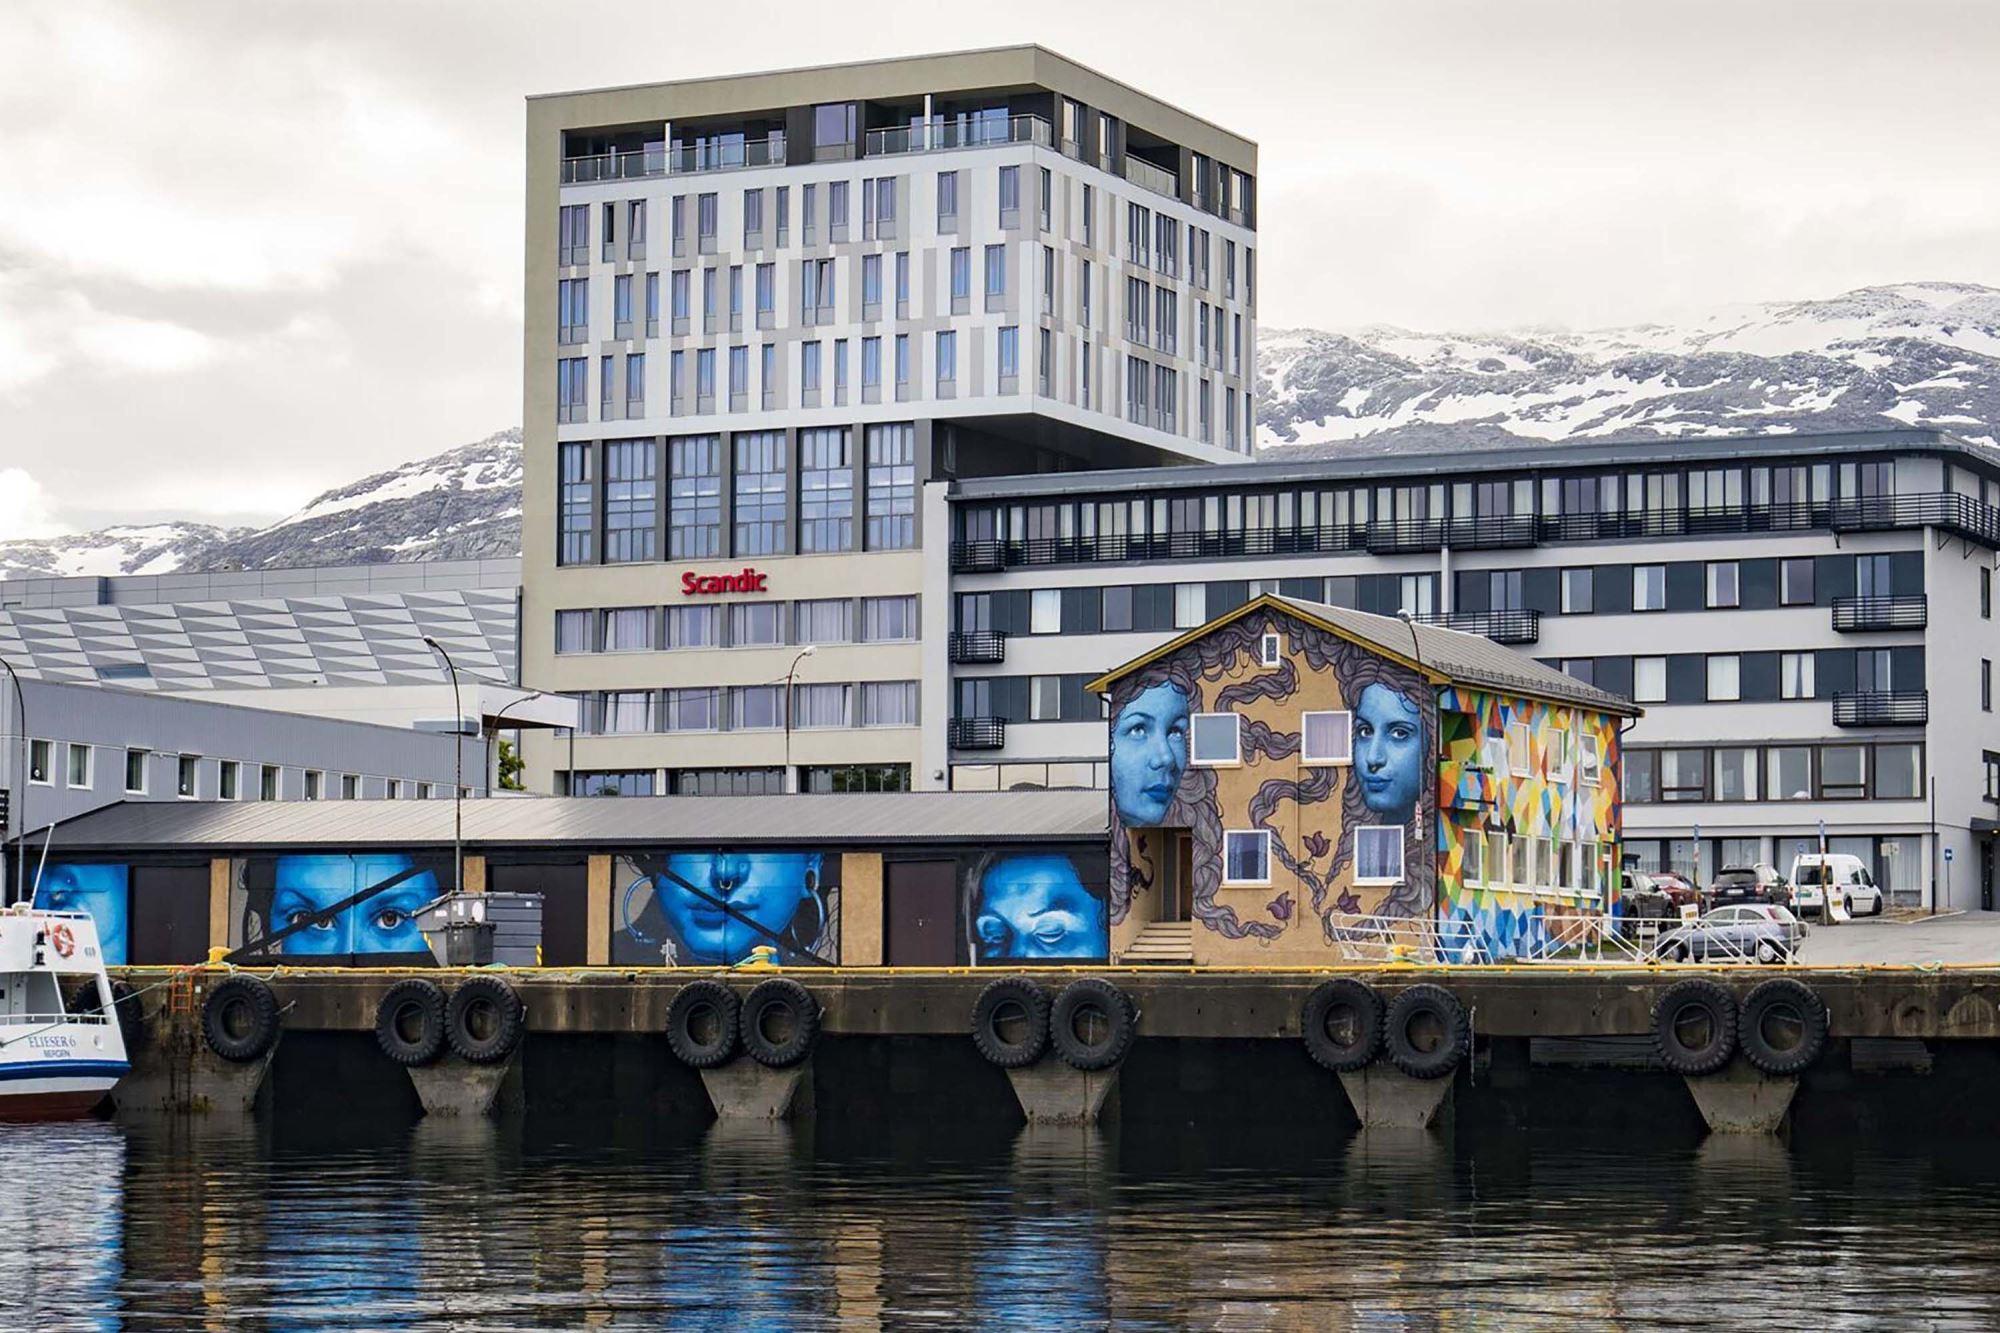 Scandic Syv Søstre Restaurant, Sandnessjøen